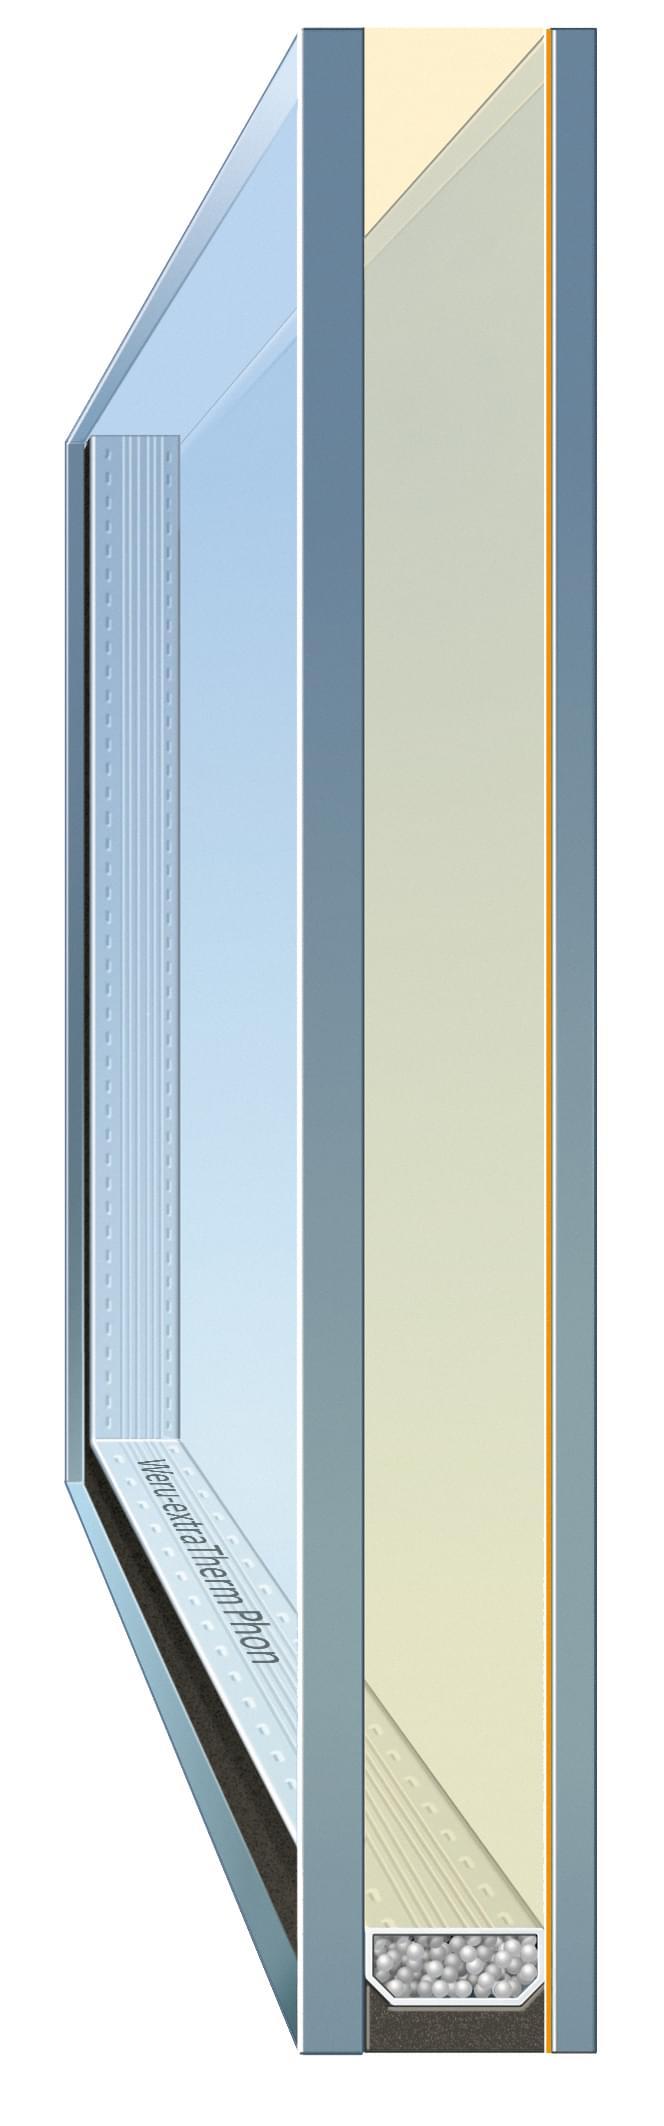 Full Size of Weru Fenster Dreifachverglasung Preise Preisliste Afino One Preis Berechnen Preisvergleich Castello Zusatzausstattung Fr Gmbh Alarmanlage Bremen Abus Schüco Fenster Weru Fenster Preise